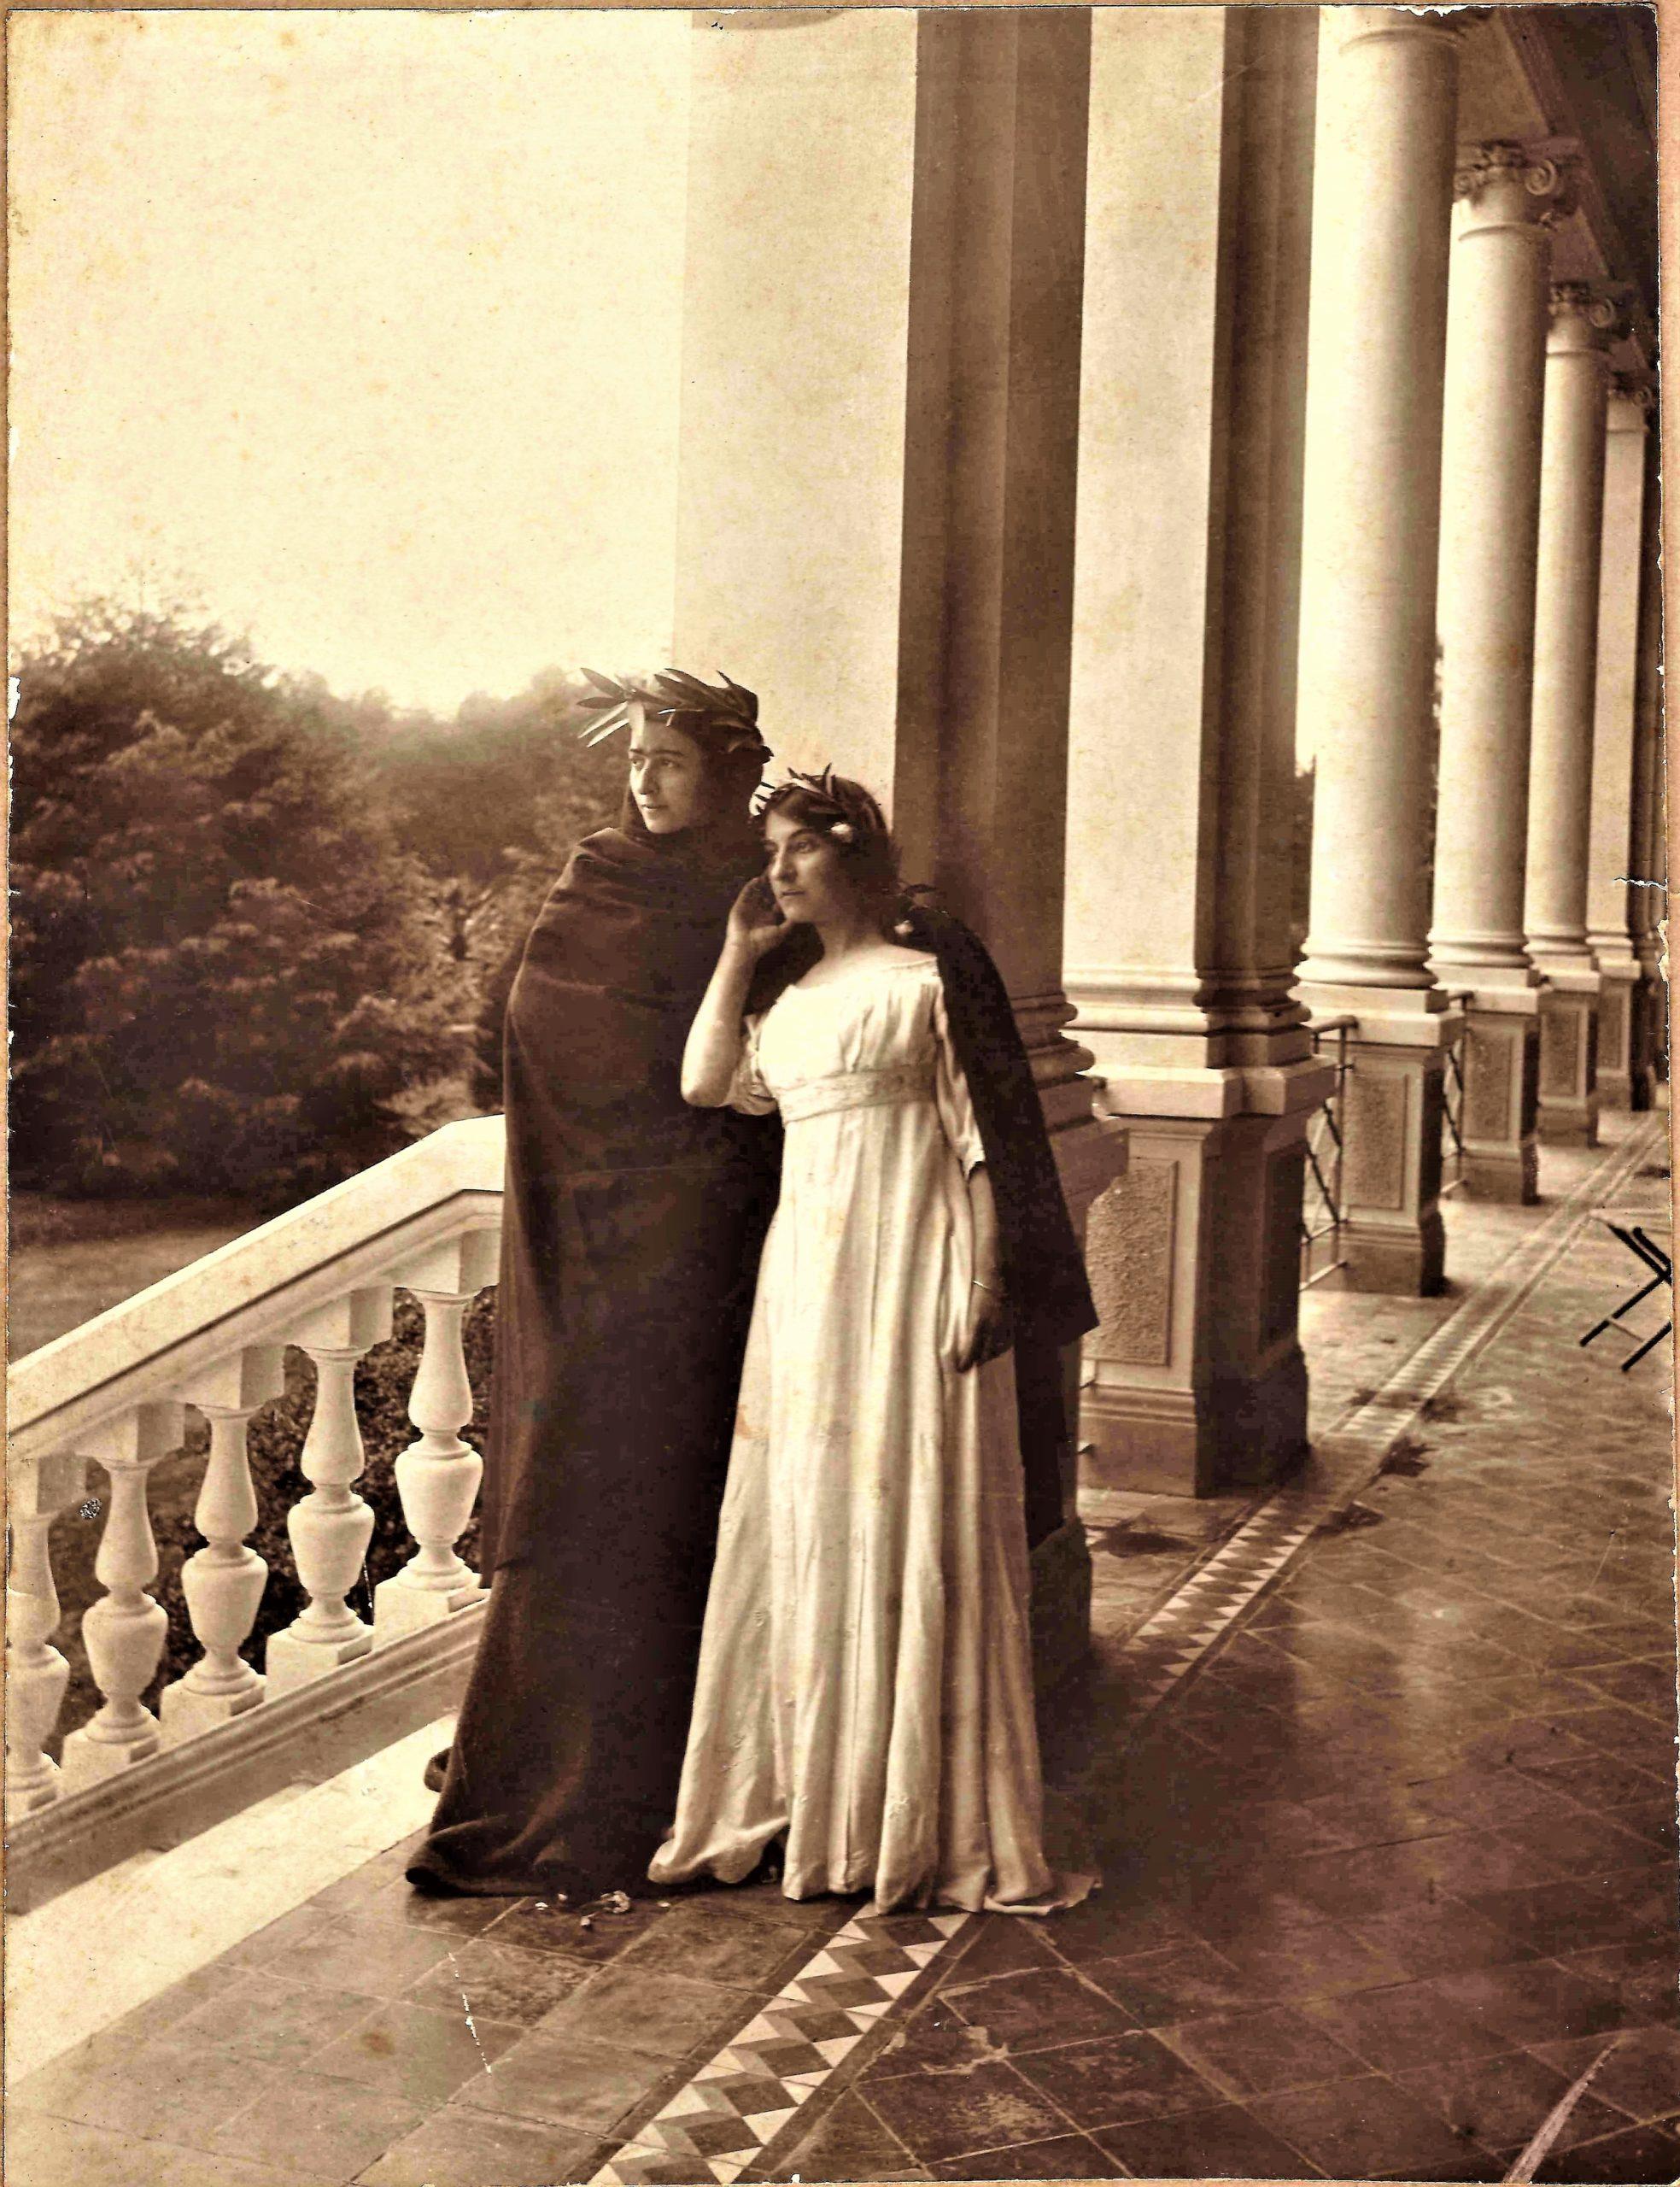 En la estancia La Elisa, fiestas de disfraces. En negro Agustina Roca de Castells y en blanco Eloisa Juárez Celman.